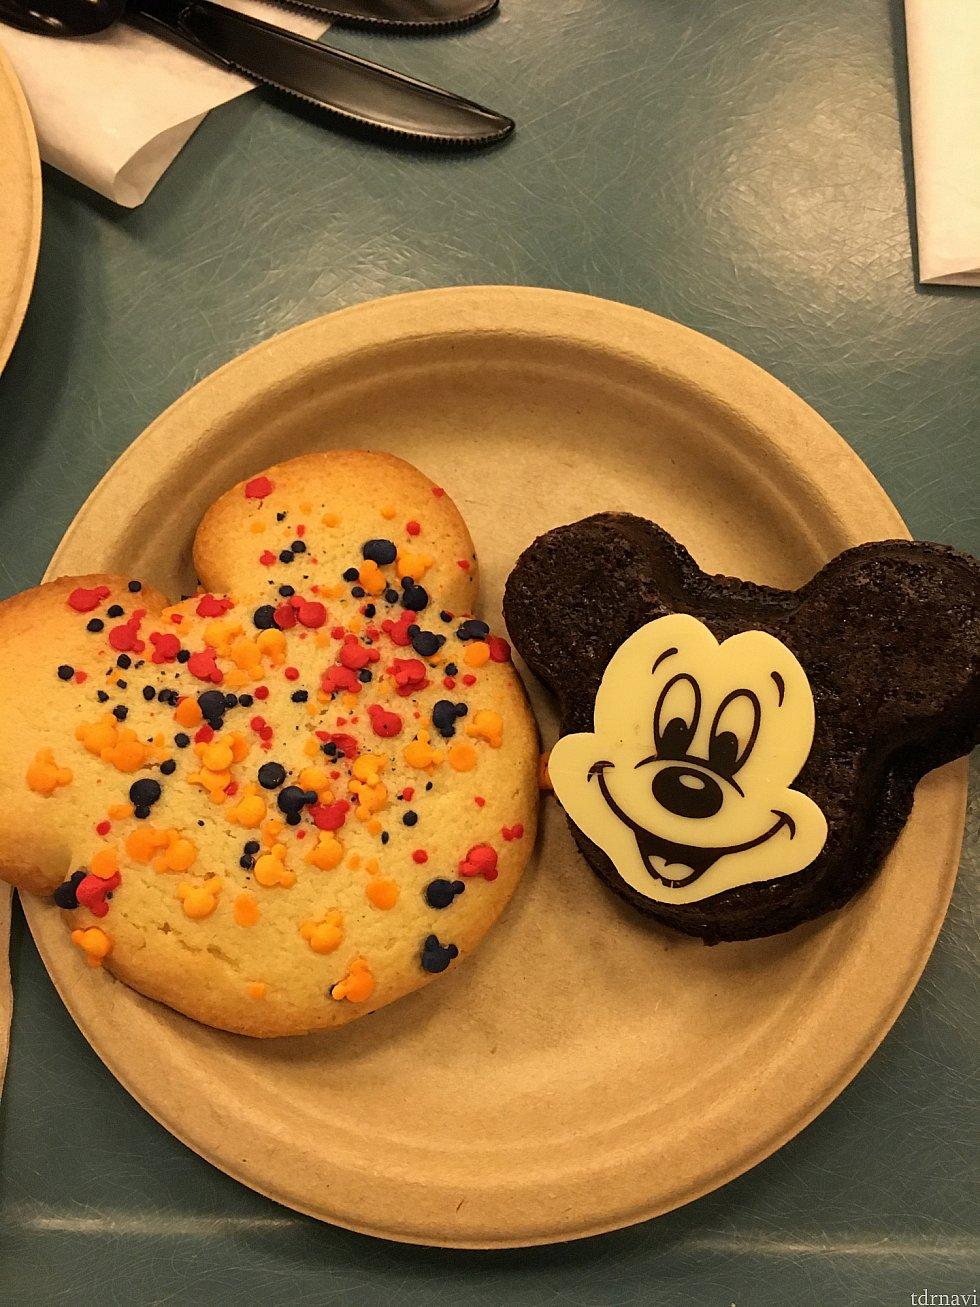 ミッキー型のクッキーとガトーショコラ